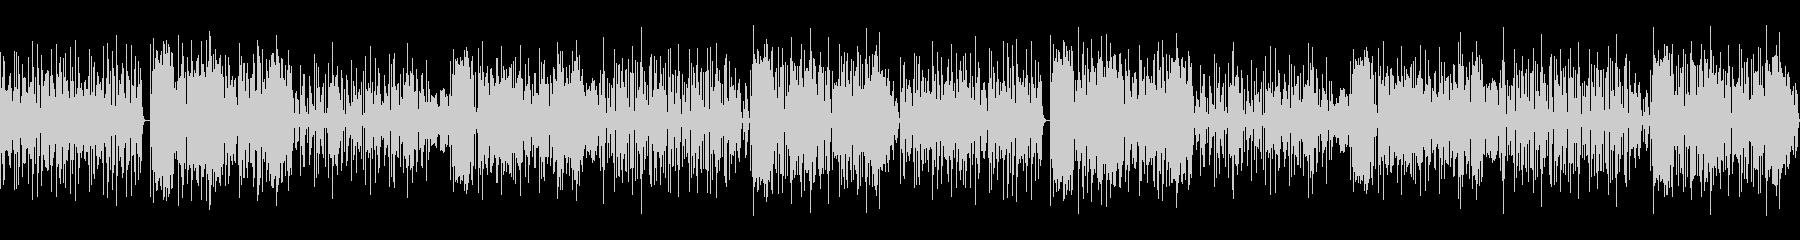 ピアノ・フルートで奏でるヒーリングBGMの未再生の波形